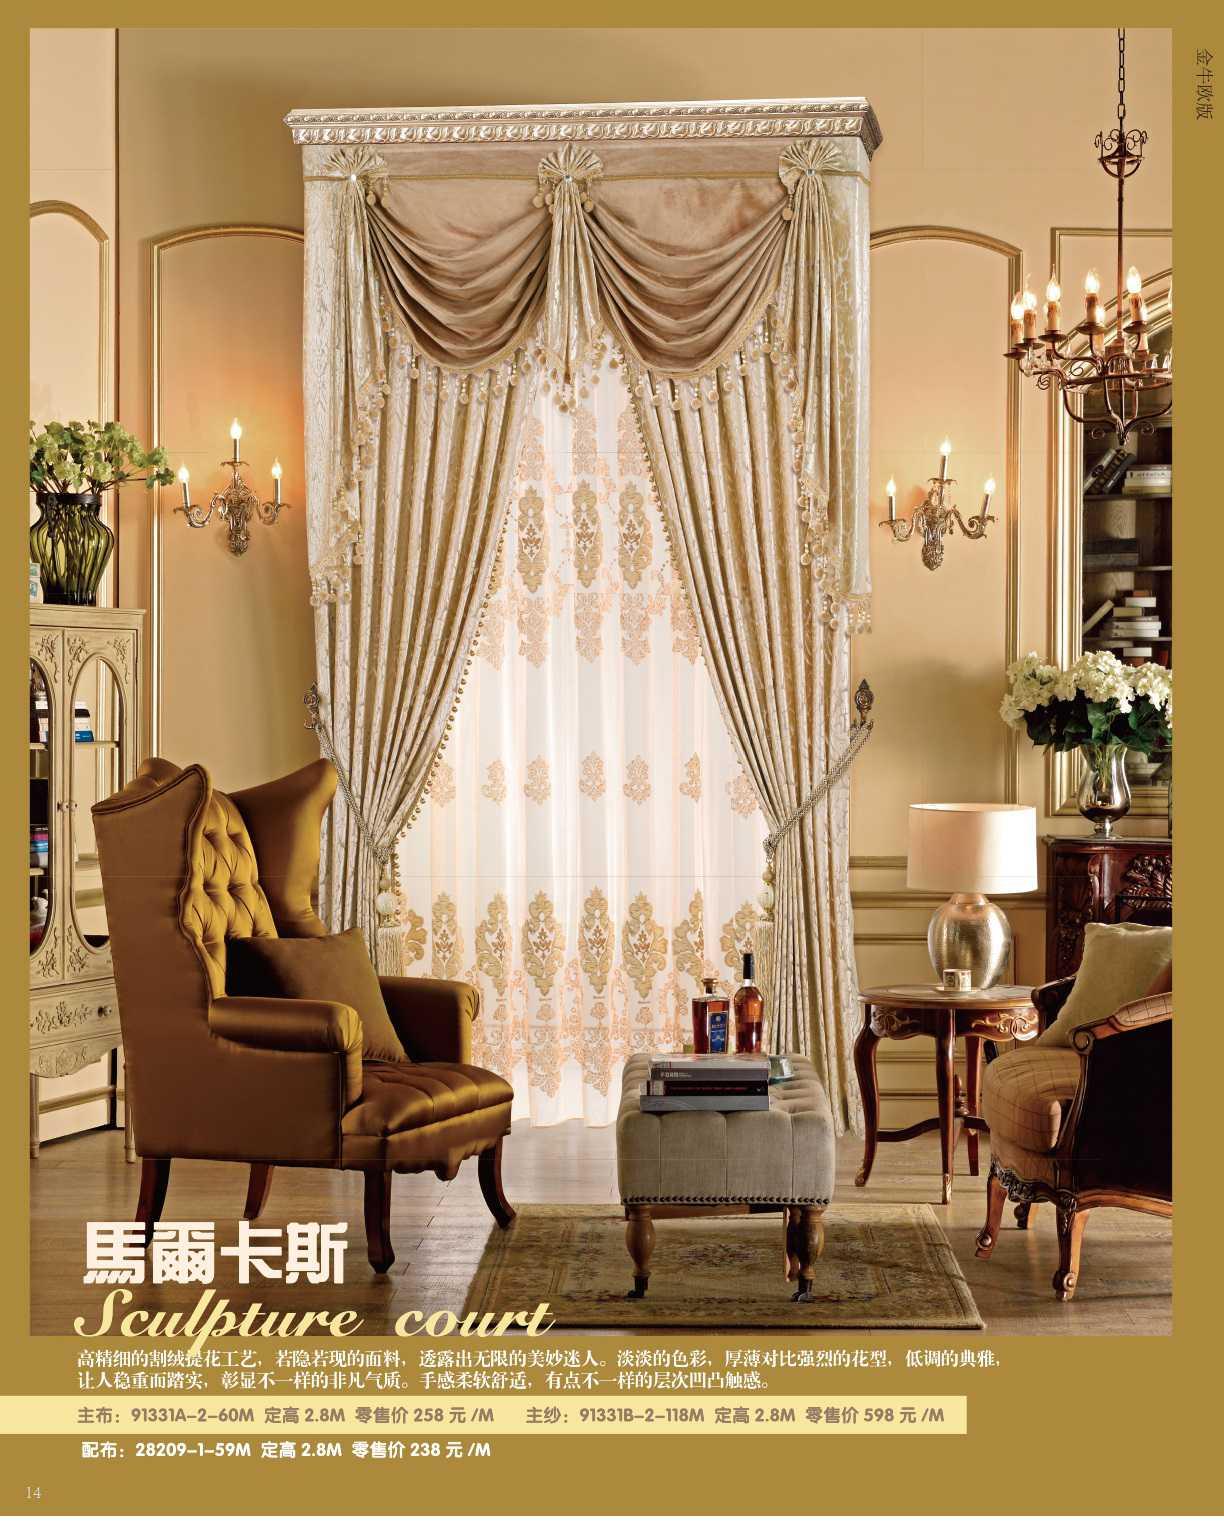 摩尔登定做欧式卷帘办公室酒店隔音窗帘布艺品牌窗帘加盟